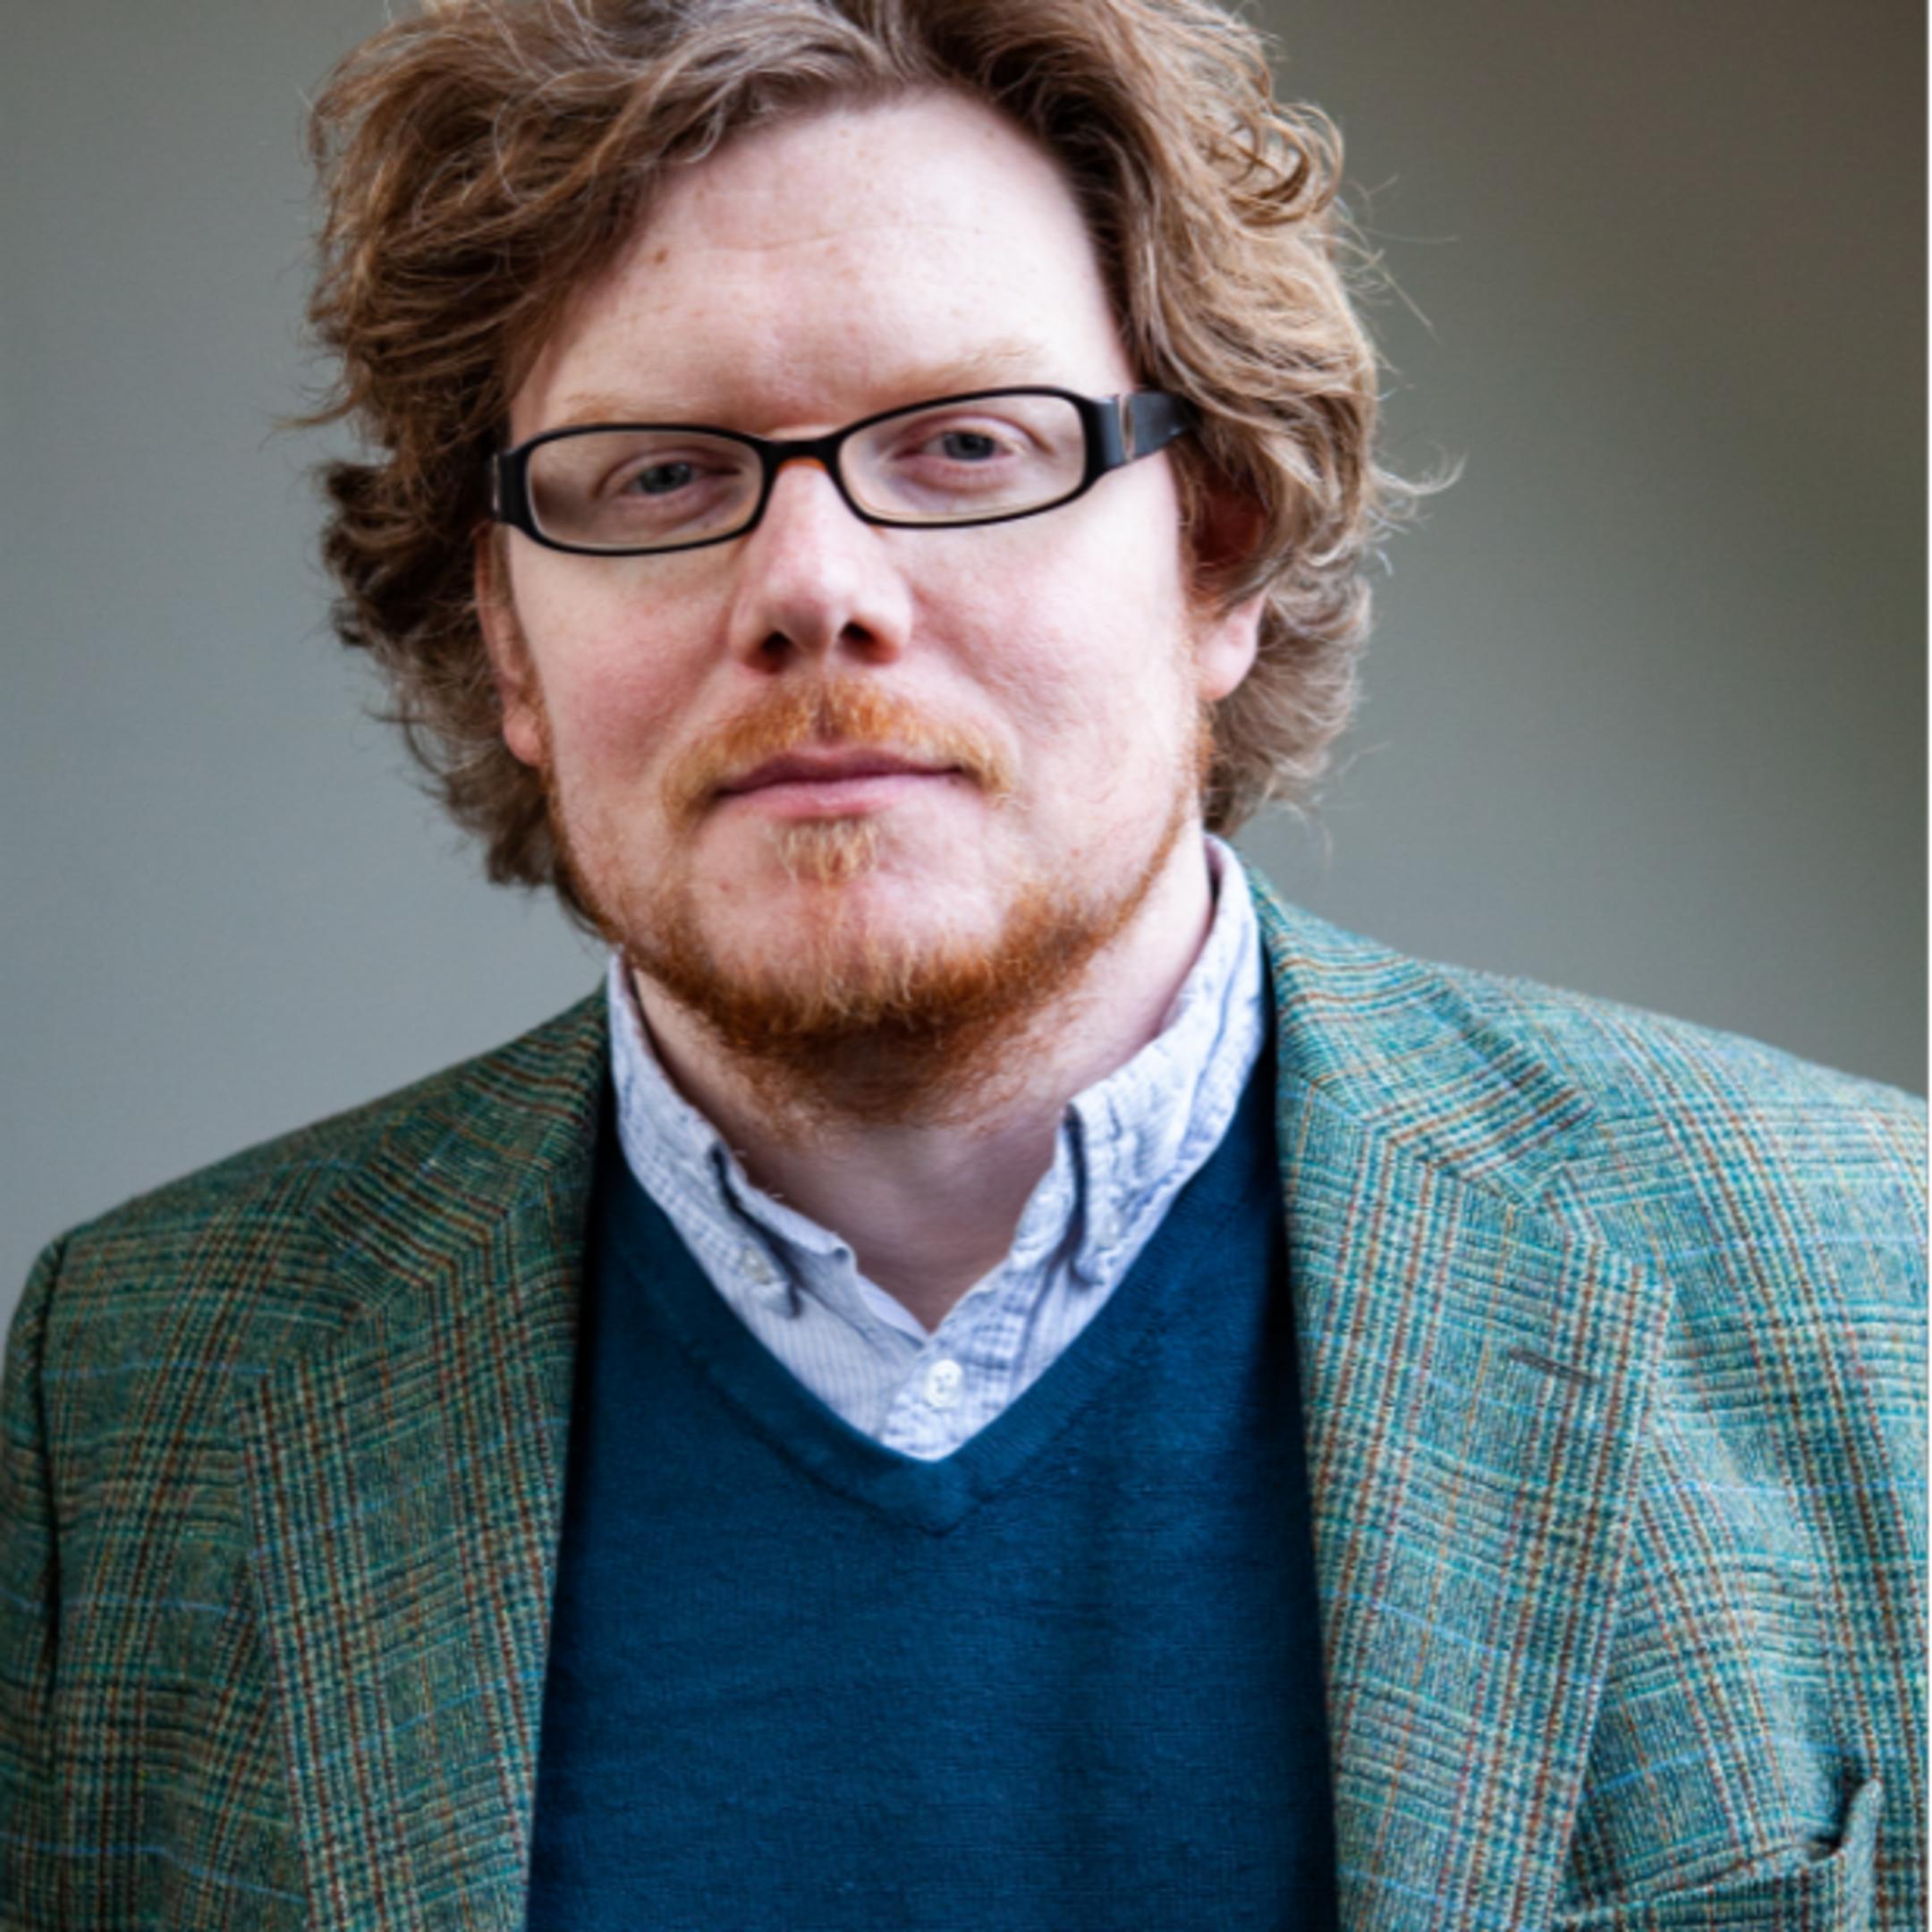 A photo of the author, John Blake.